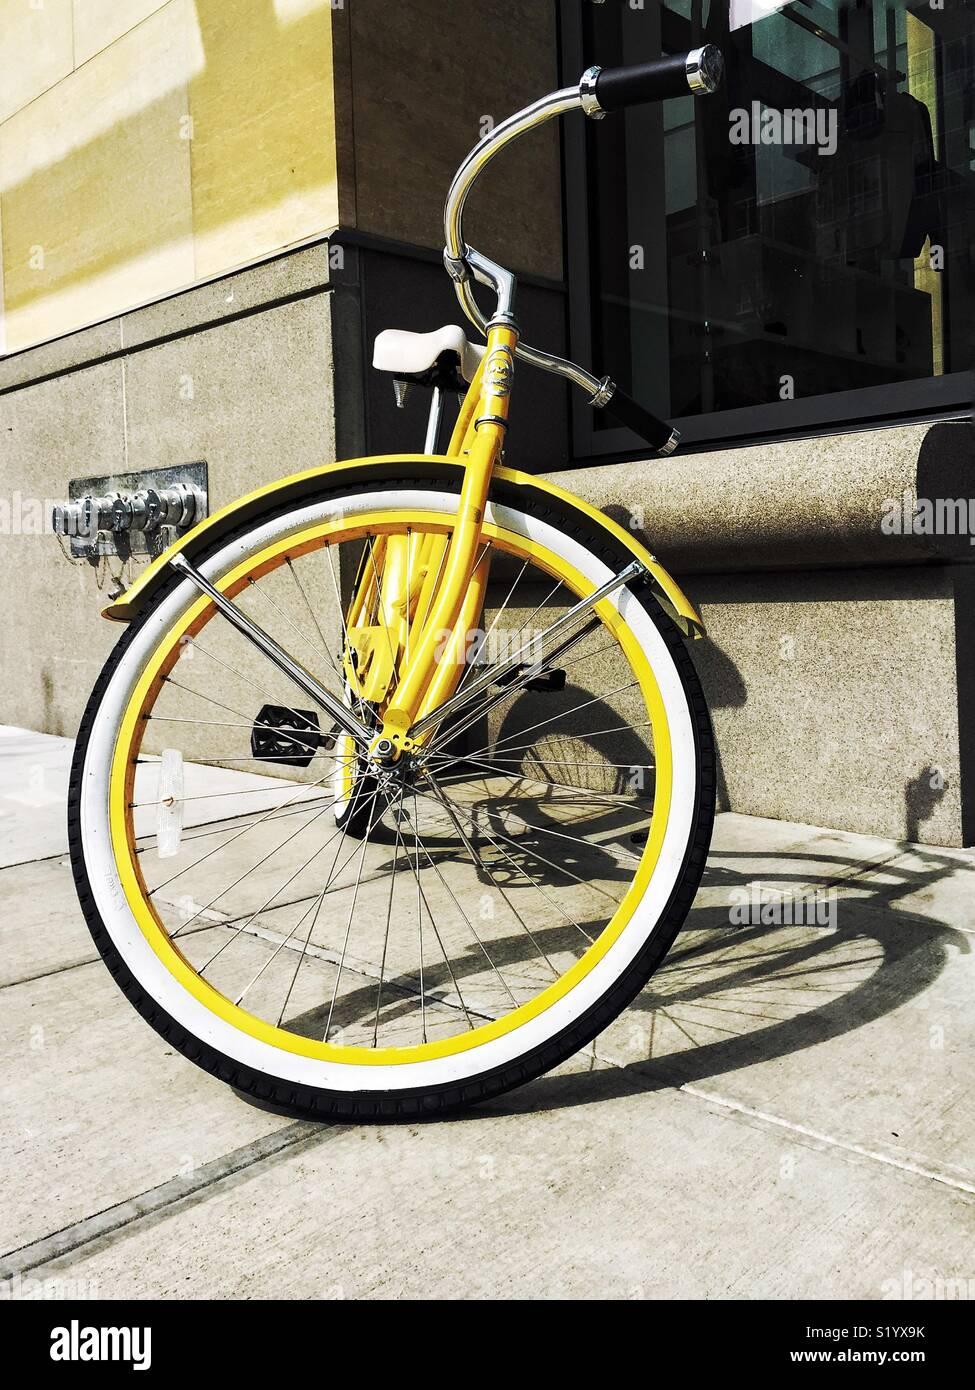 Vélo jaune dans la ville Photo Stock